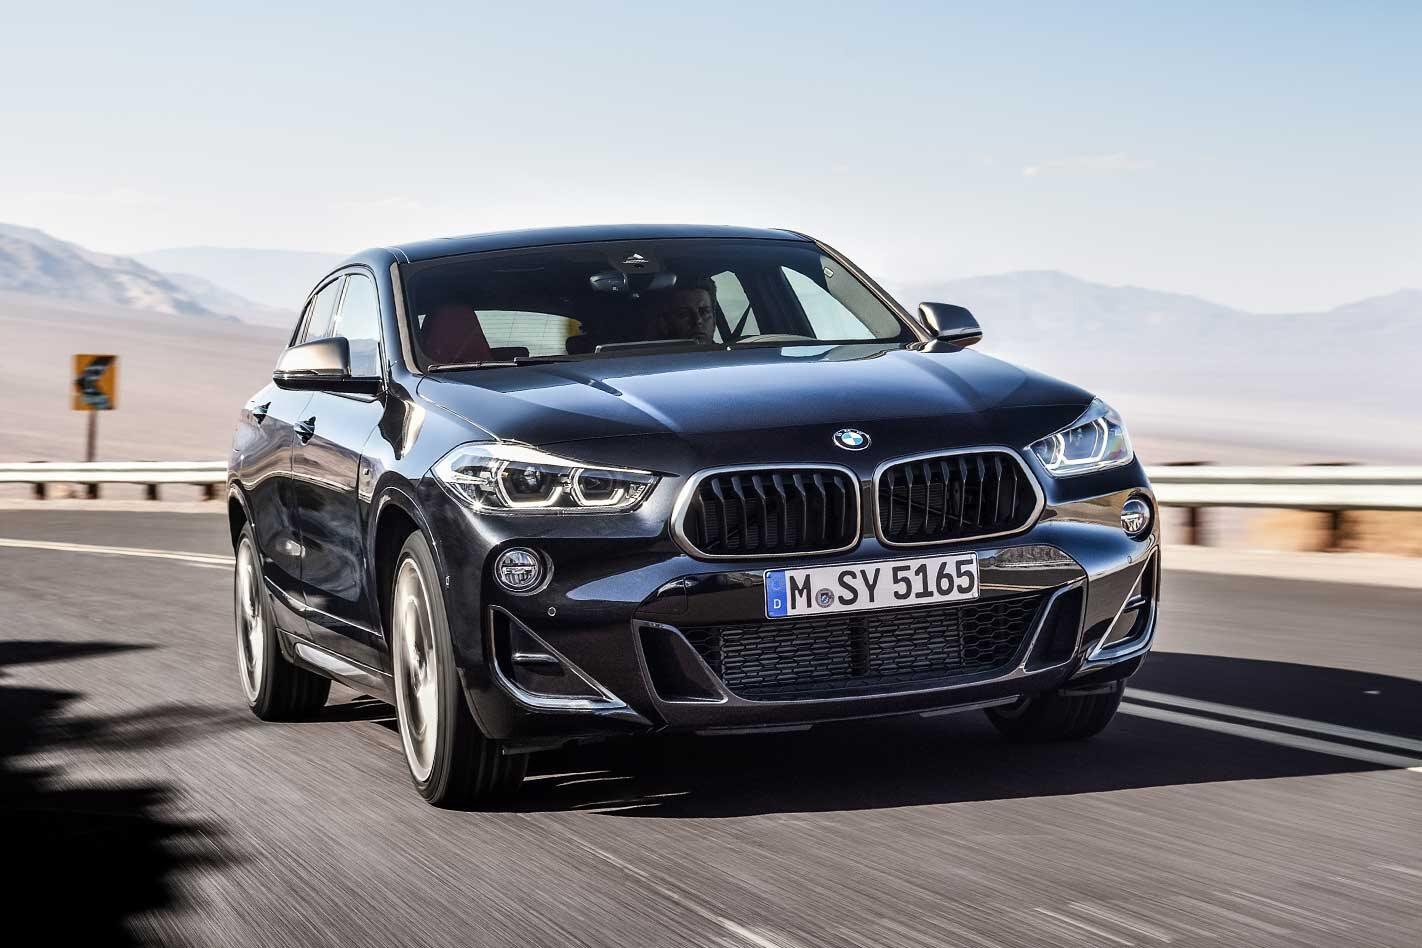 2019 BMW X 2 M 35 I Revealed Jpg